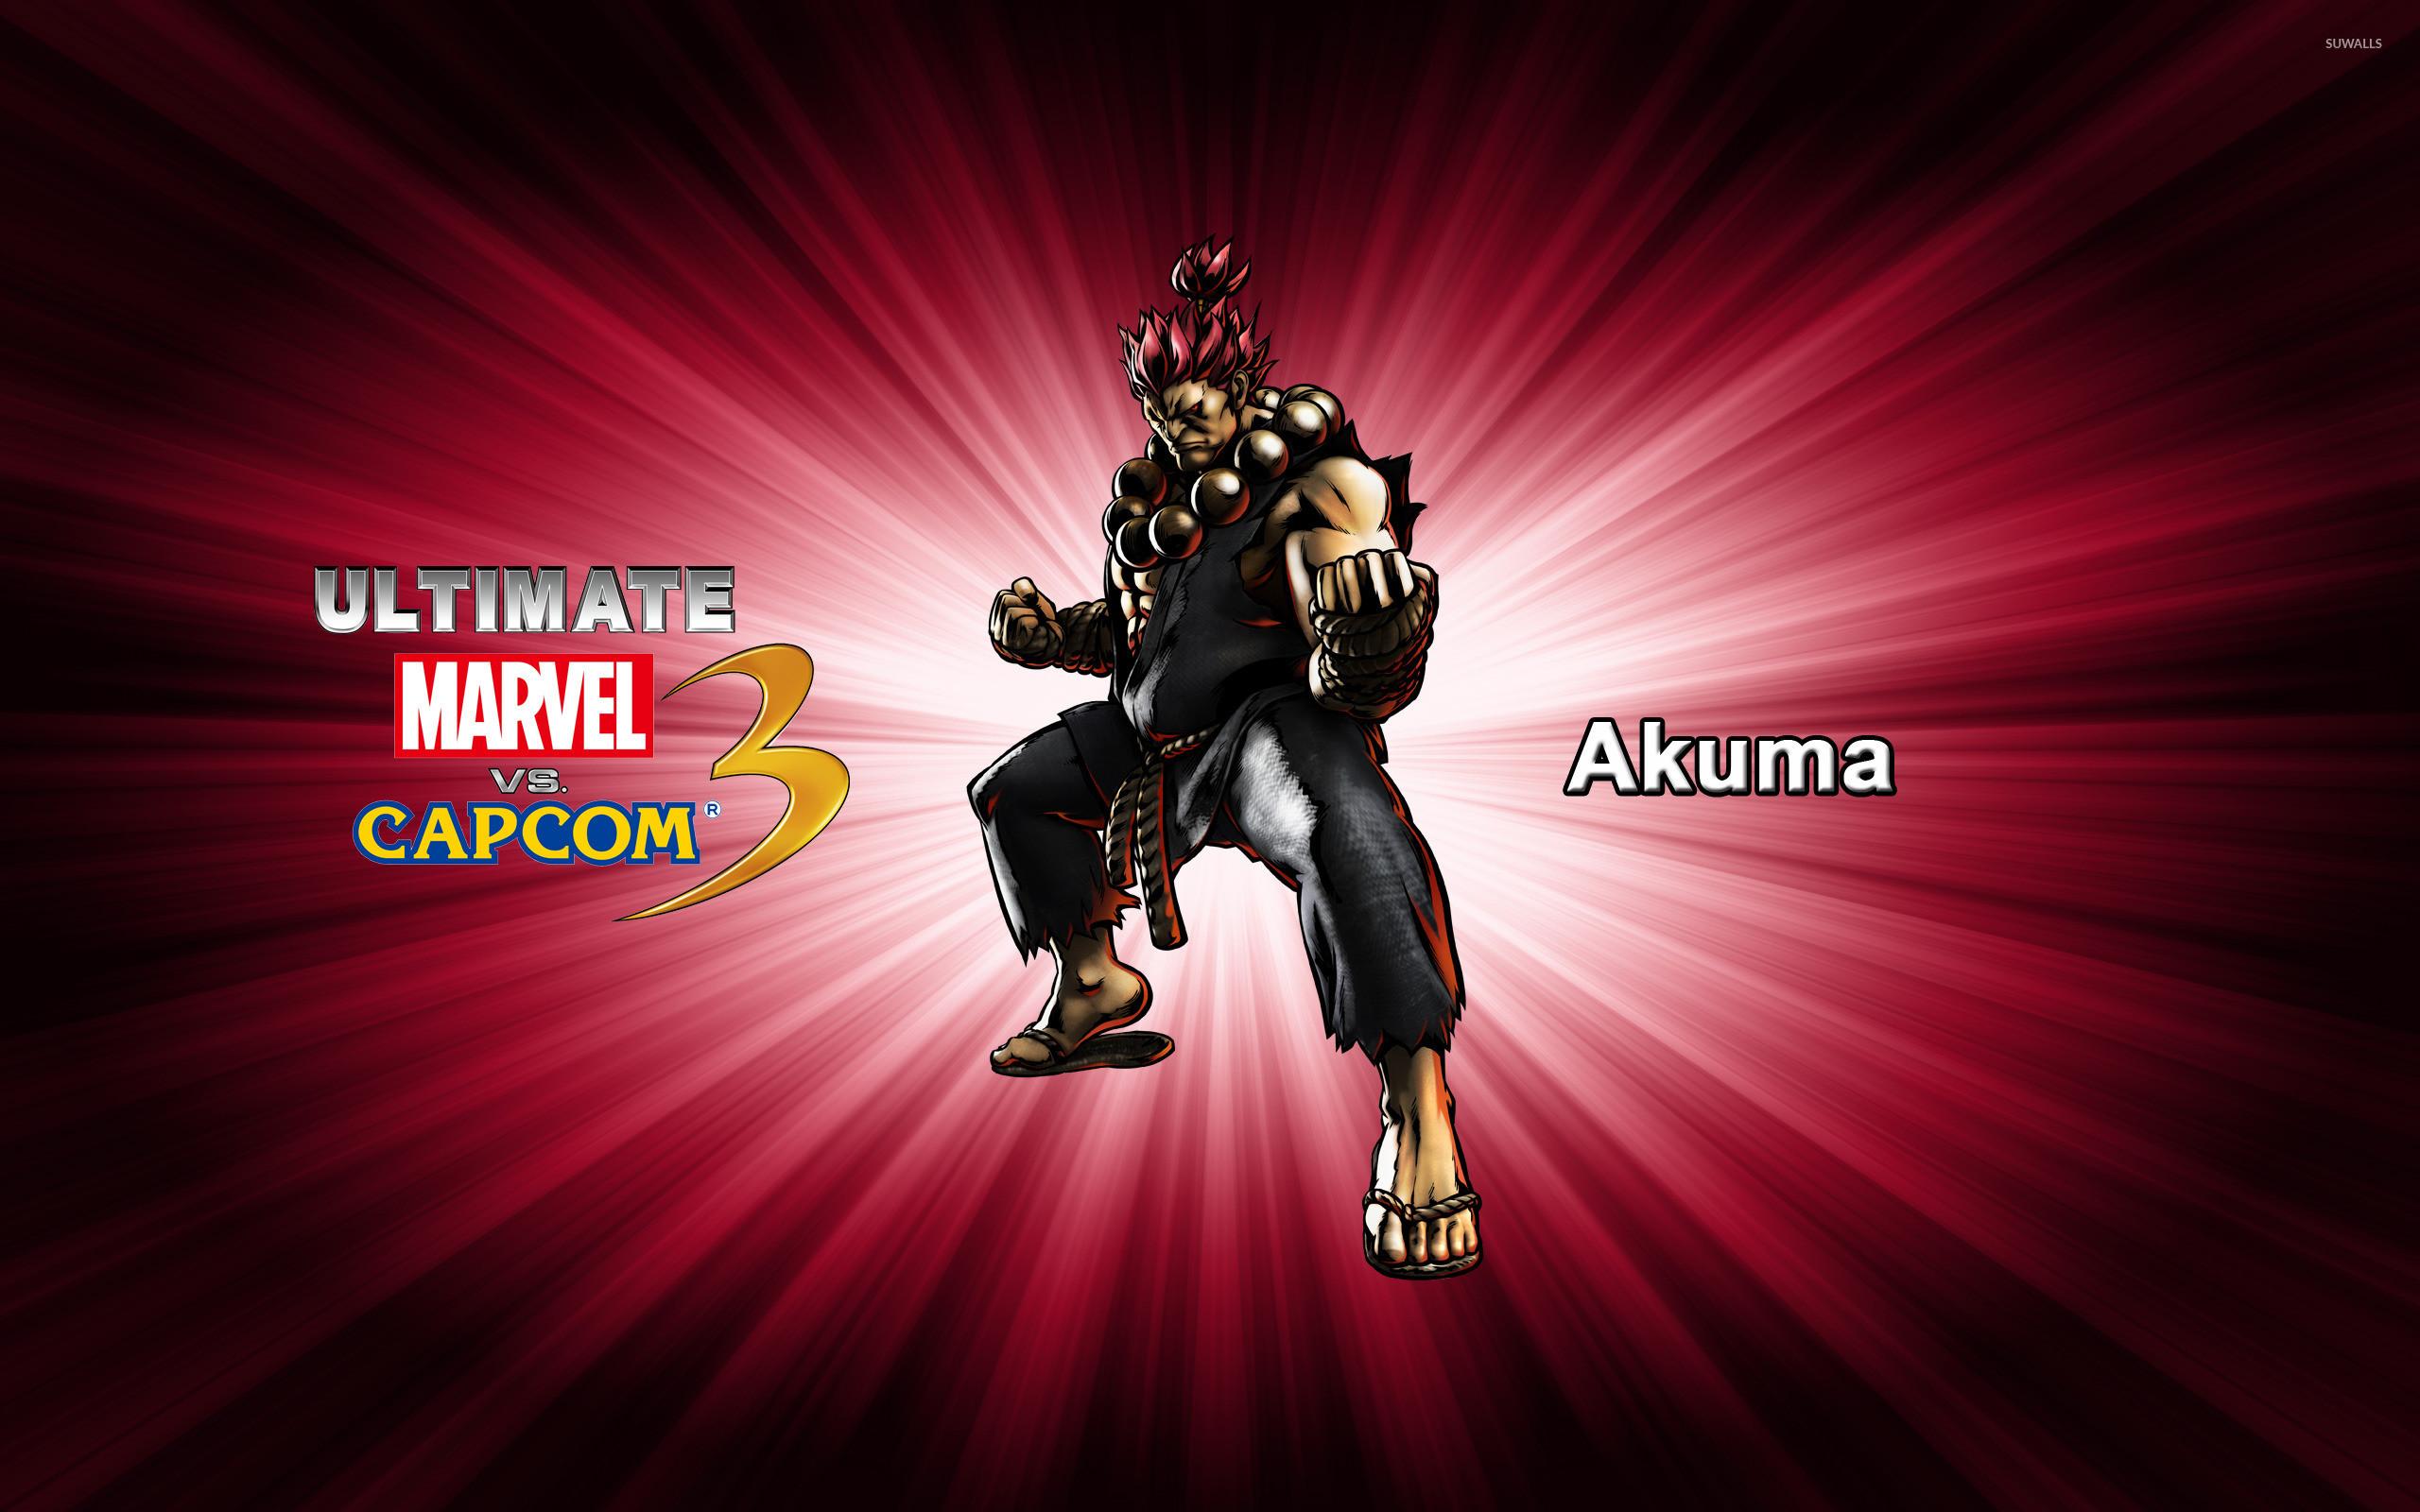 Res: 2560x1600, Akuma - Ultimate Marvel vs. Capcom 3 wallpaper